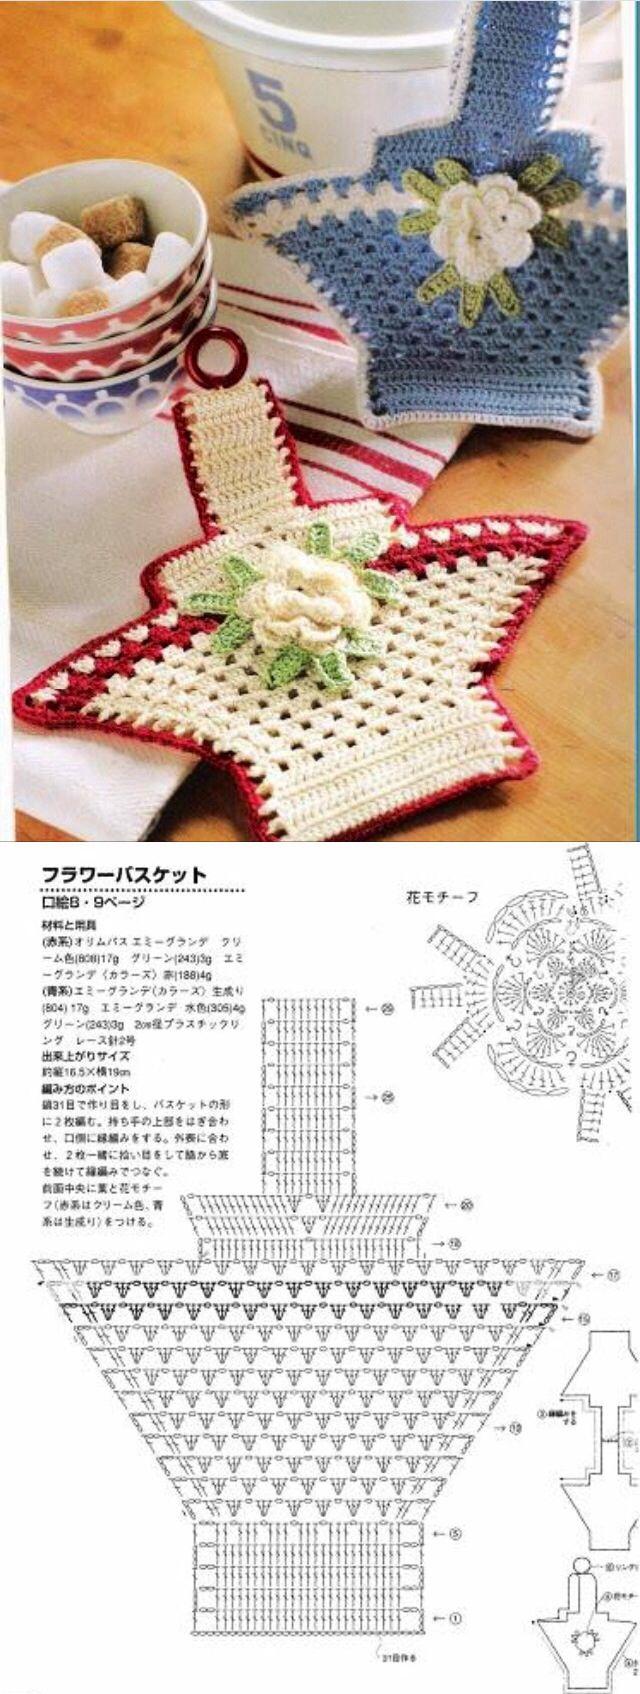 Vintage crochet kitchen basket potholder diagram pattern. | Vintage ...